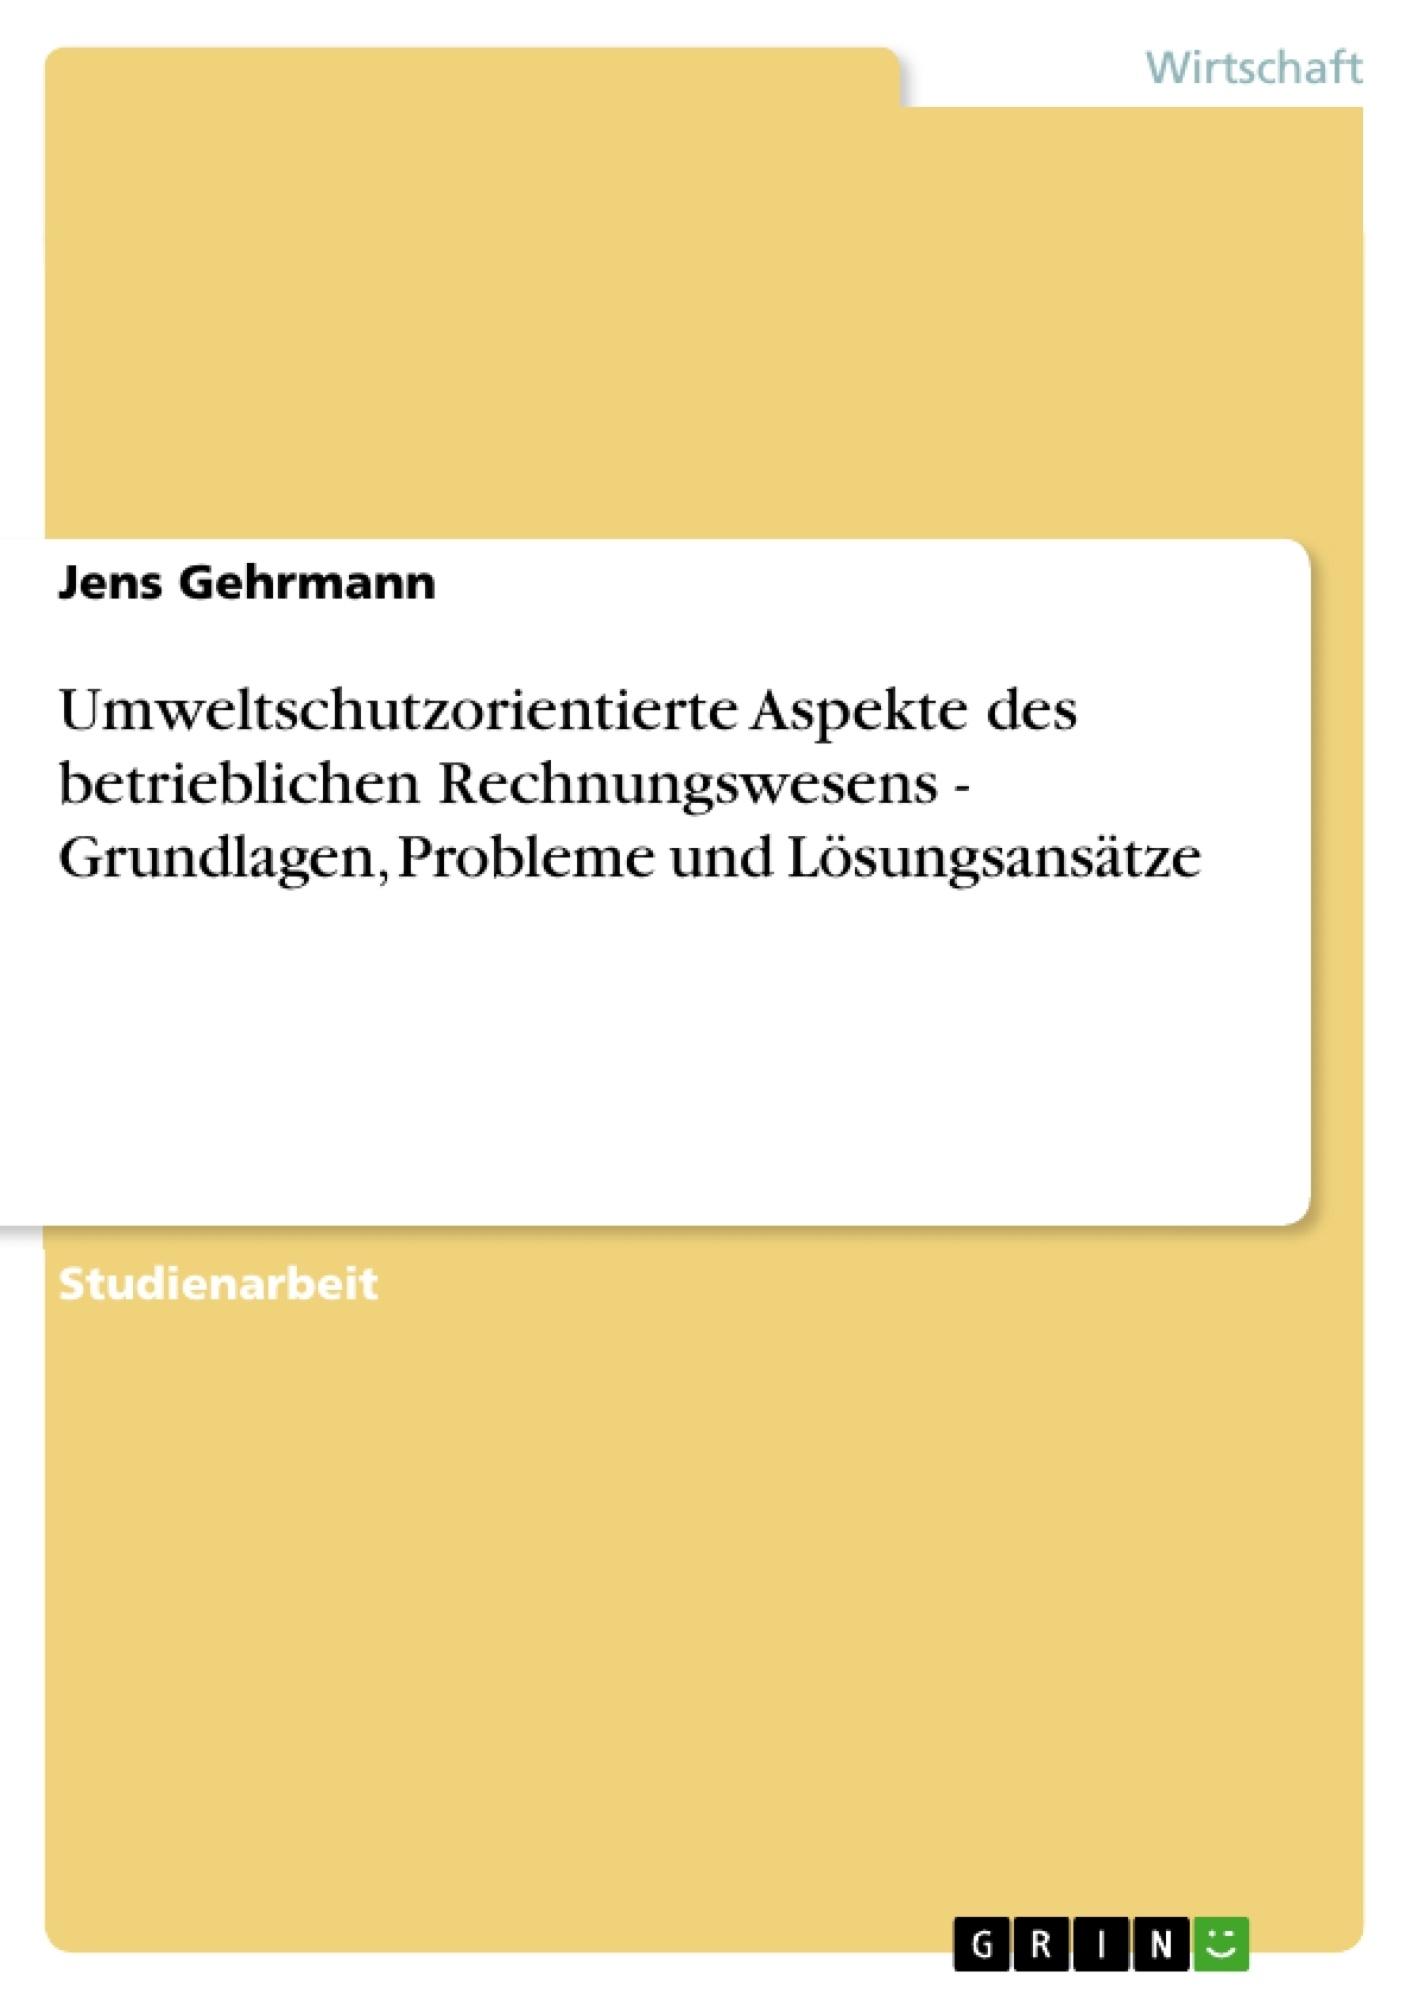 Titel: Umweltschutzorientierte Aspekte des betrieblichen Rechnungswesens - Grundlagen, Probleme und Lösungsansätze